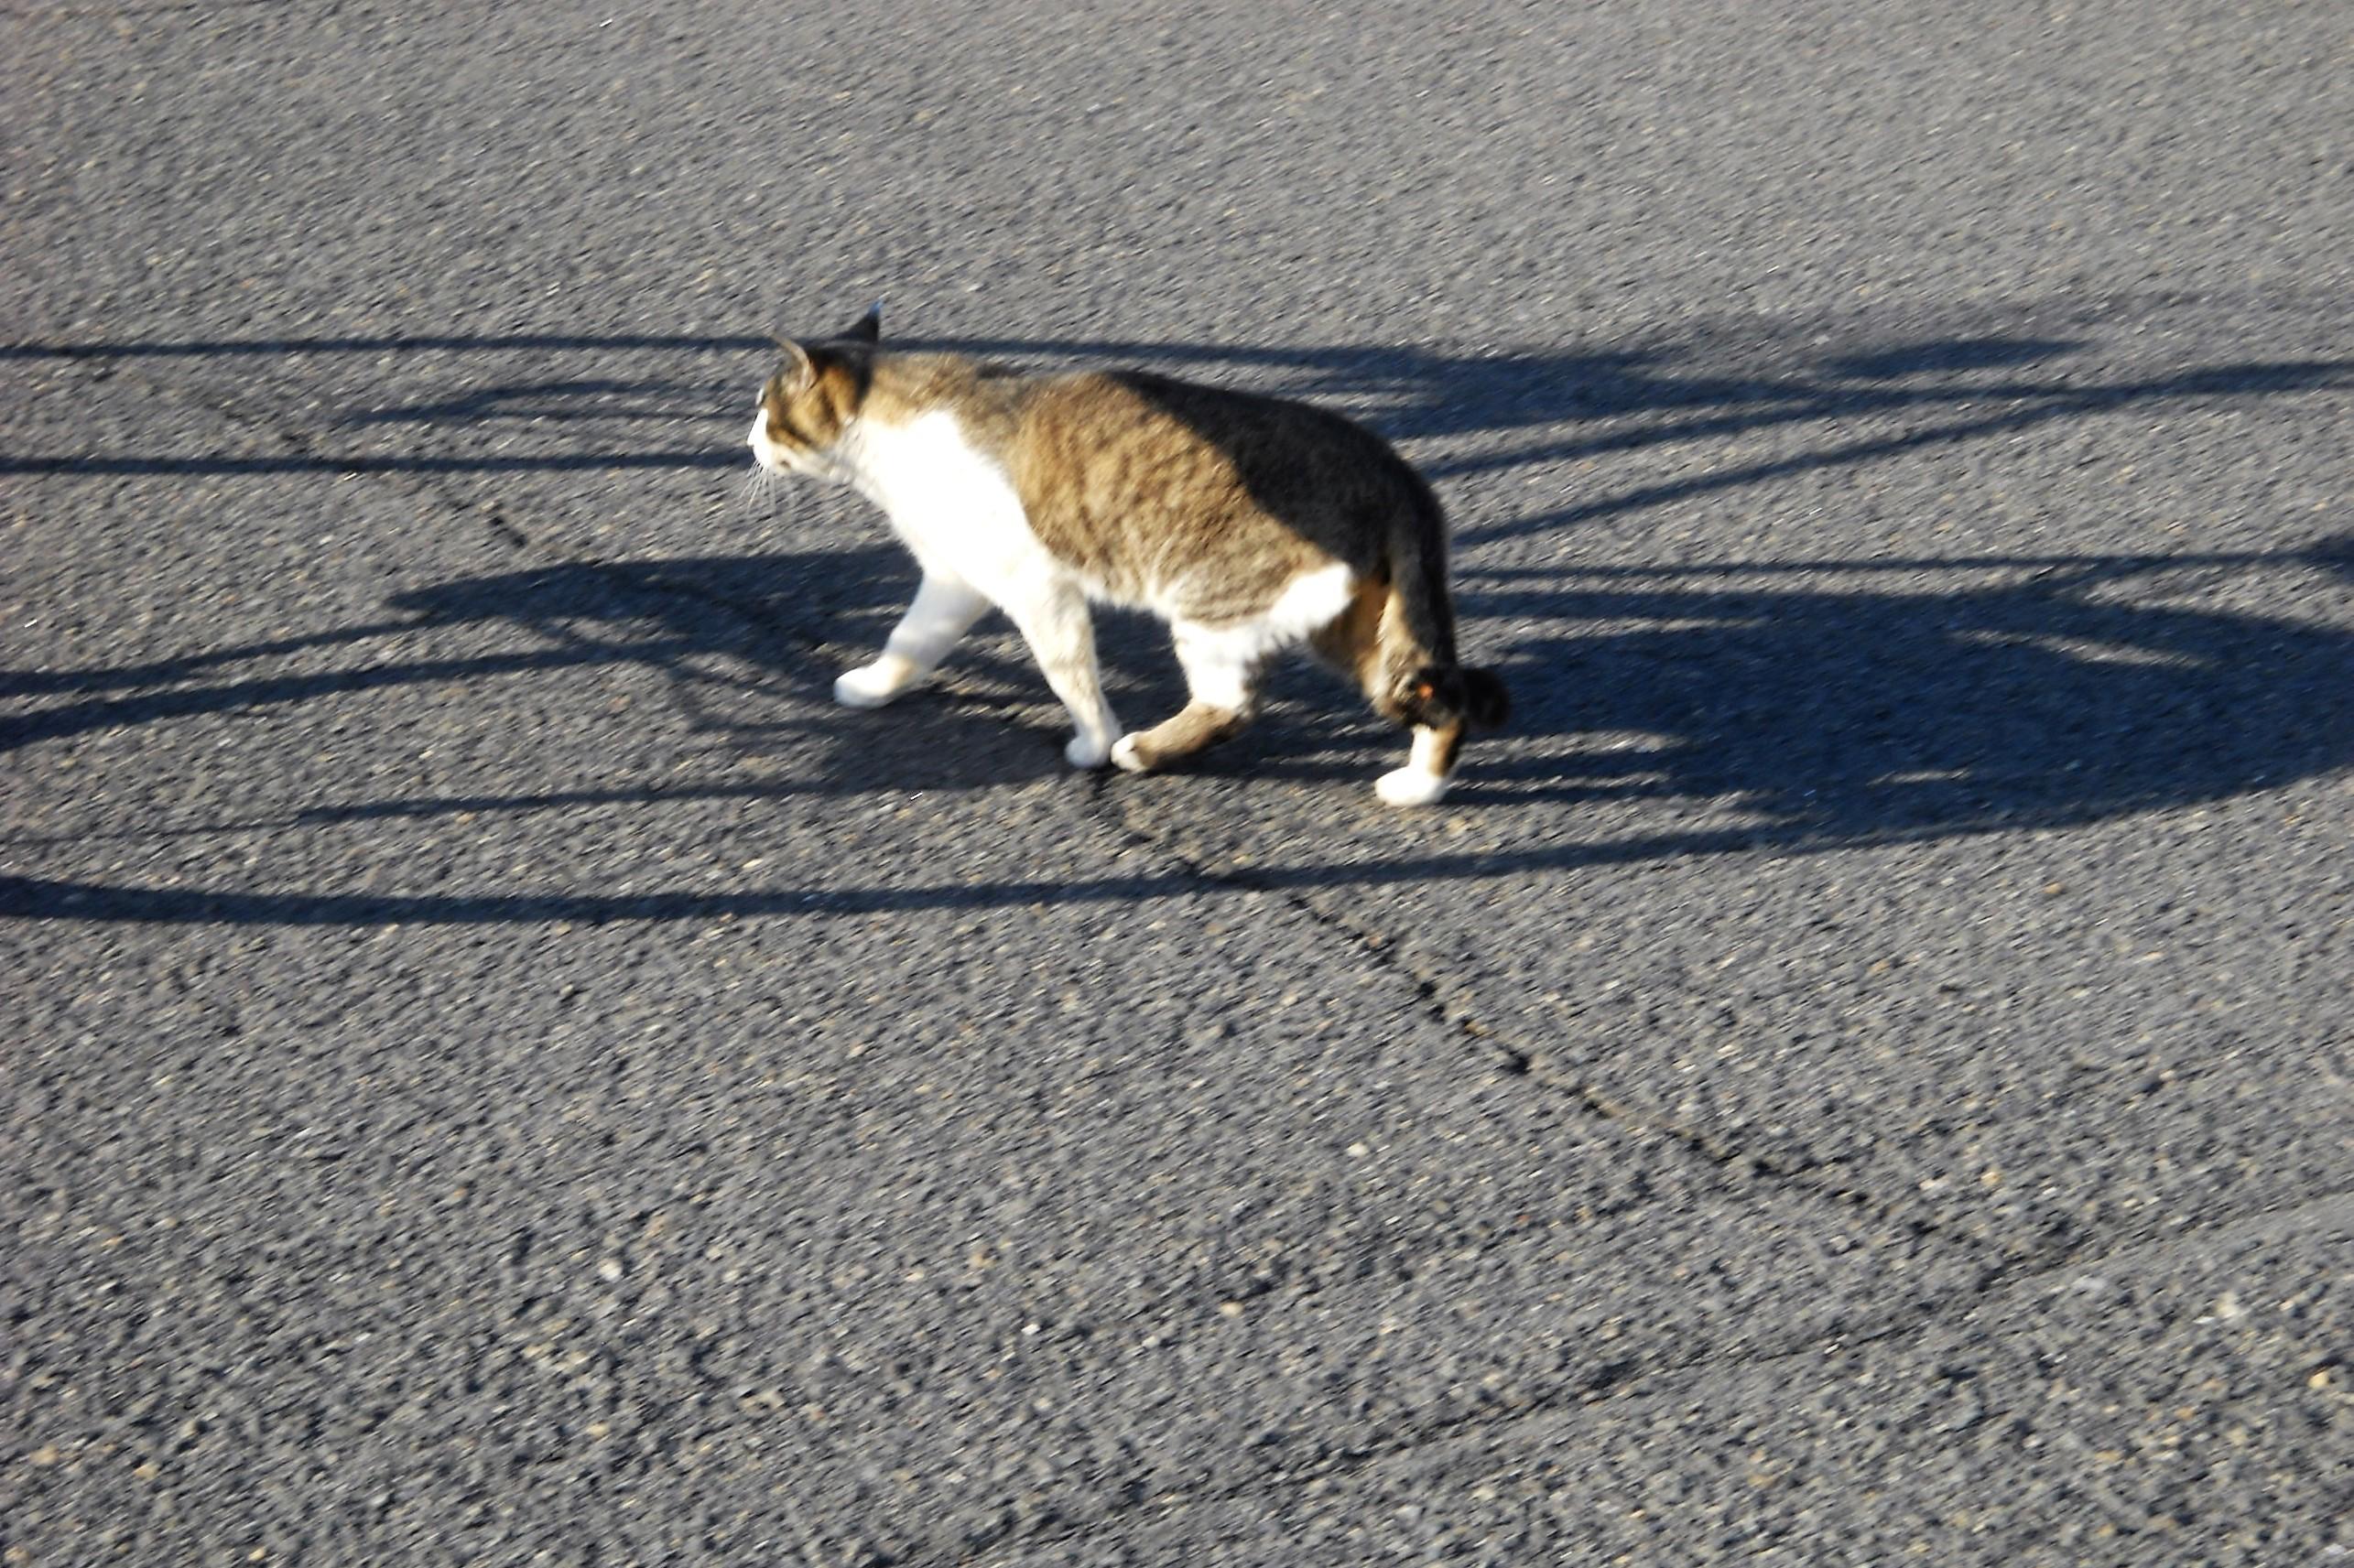 猫と自転車の影